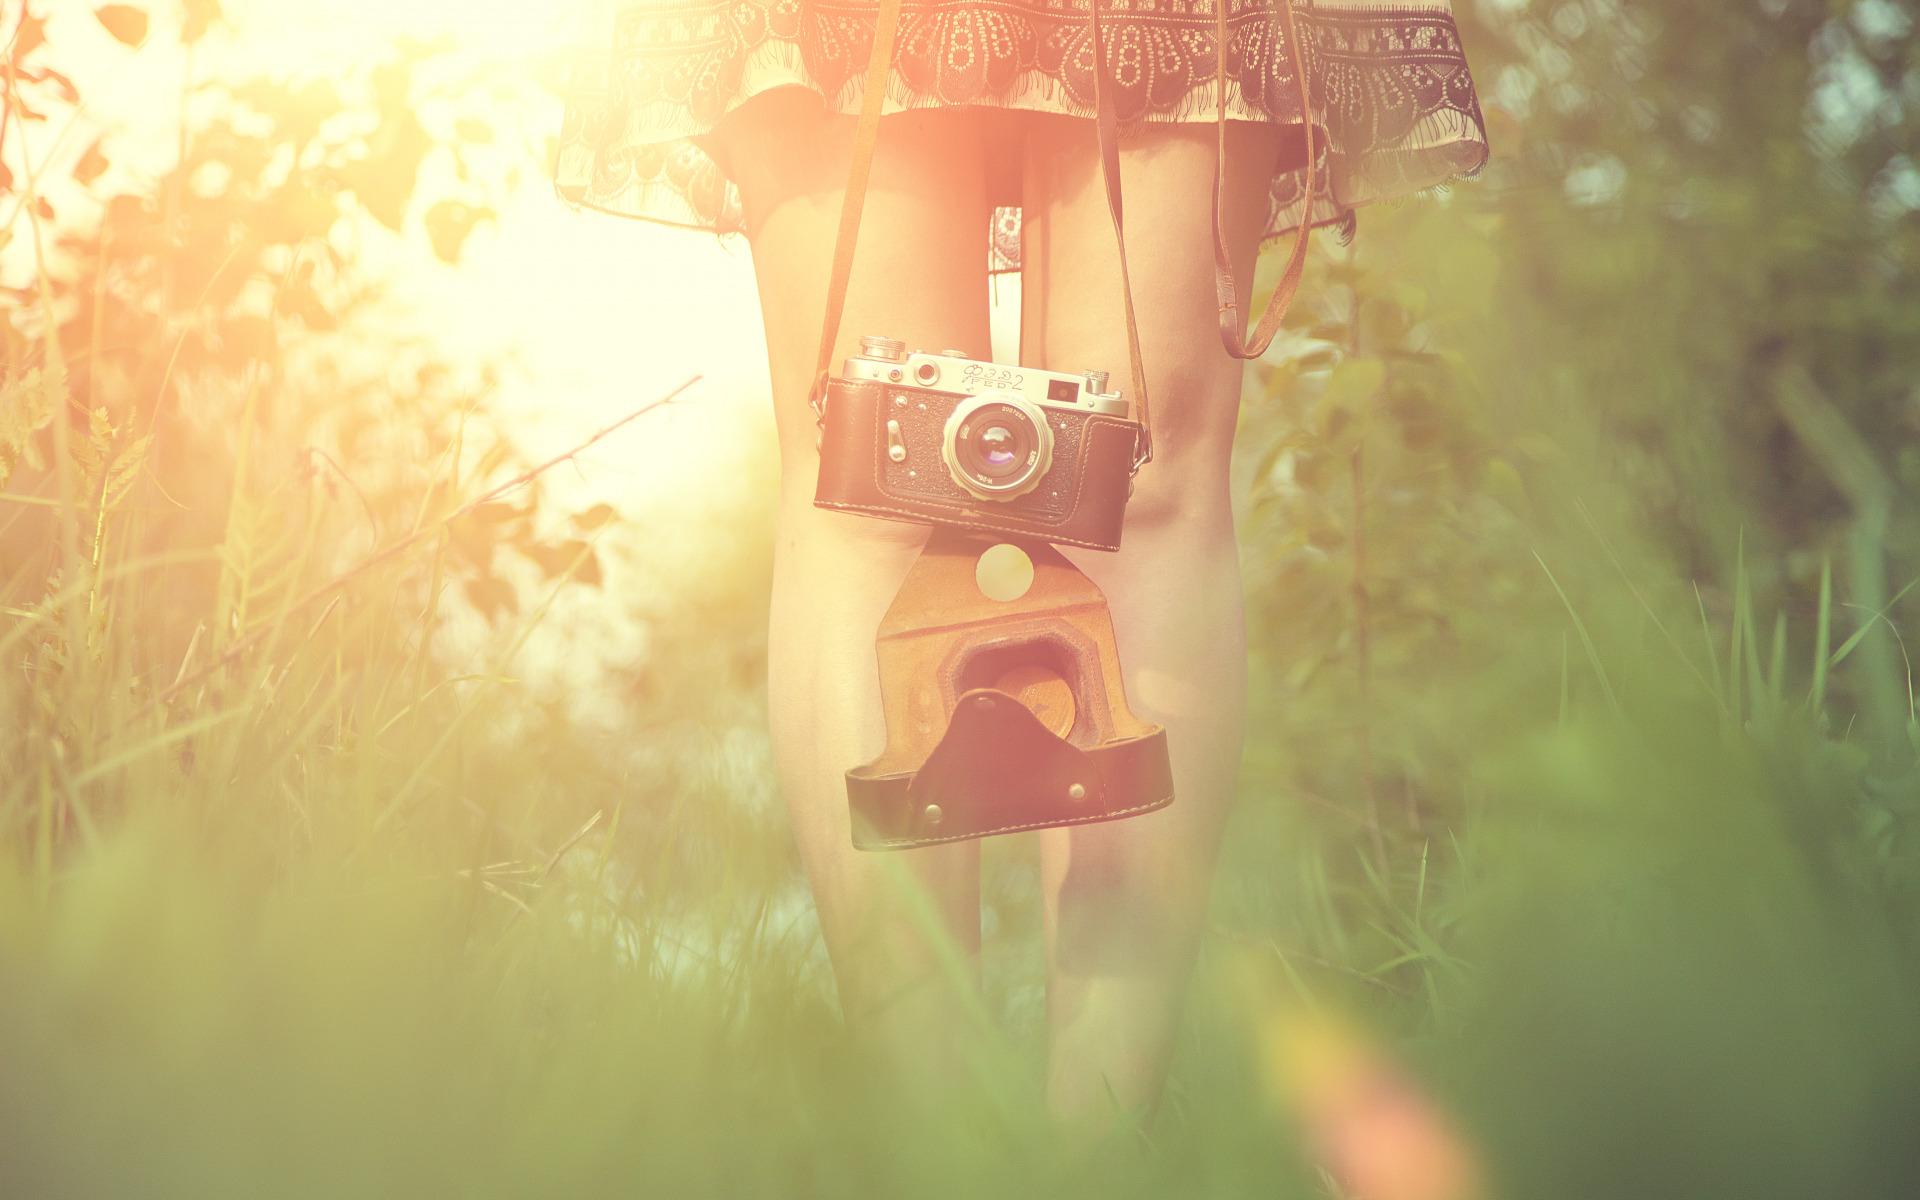 при жизни фон для фотографа с собой вами насладимся видом